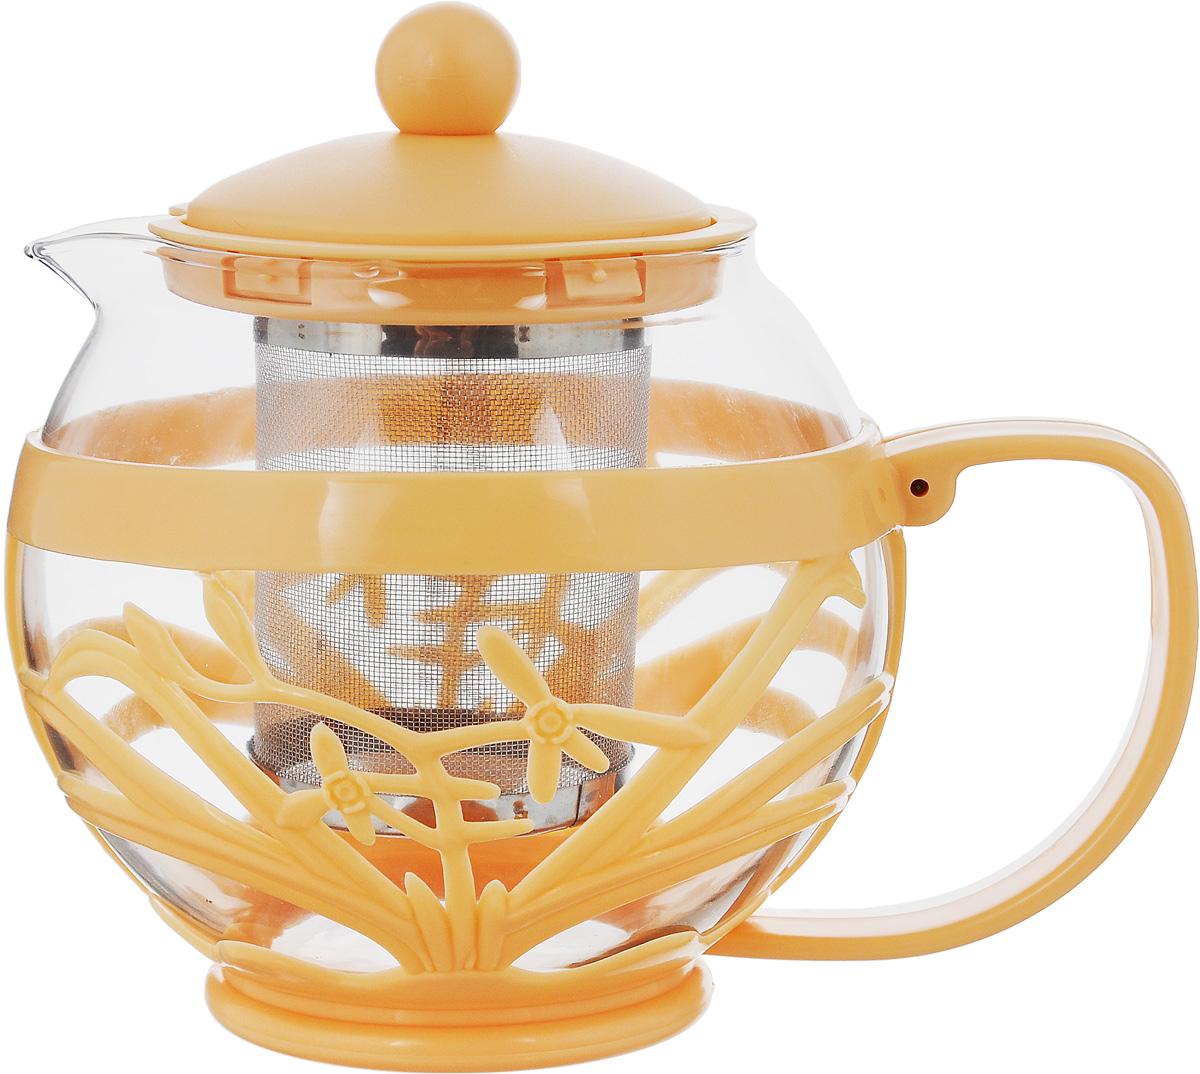 Чайник заварочный Menu Мелисса, с фильтром, цвет: прозрачный, оранжевый, 750 млMLS-75_оранжевыйЧайник Menu Мелисса изготовлен из прочного стекла и пластика. Он прекрасно подойдет для заваривания чая и травяных напитков. Классический стиль и оптимальный объем делают его удобным и оригинальным аксессуаром. Изделие имеет удлиненный металлический фильтр, который обеспечивает высокое качество фильтрации напитка и позволяет заварить чай даже при небольшом уровне воды. Ручка чайника не нагревается и обеспечивает безопасность использования. Нельзя мыть в посудомоечной машине. Диаметр чайника (по верхнему краю): 8 см. Высота чайника (без учета крышки): 11 см. Размер фильтра: 6 х 6 х 7,2 см.